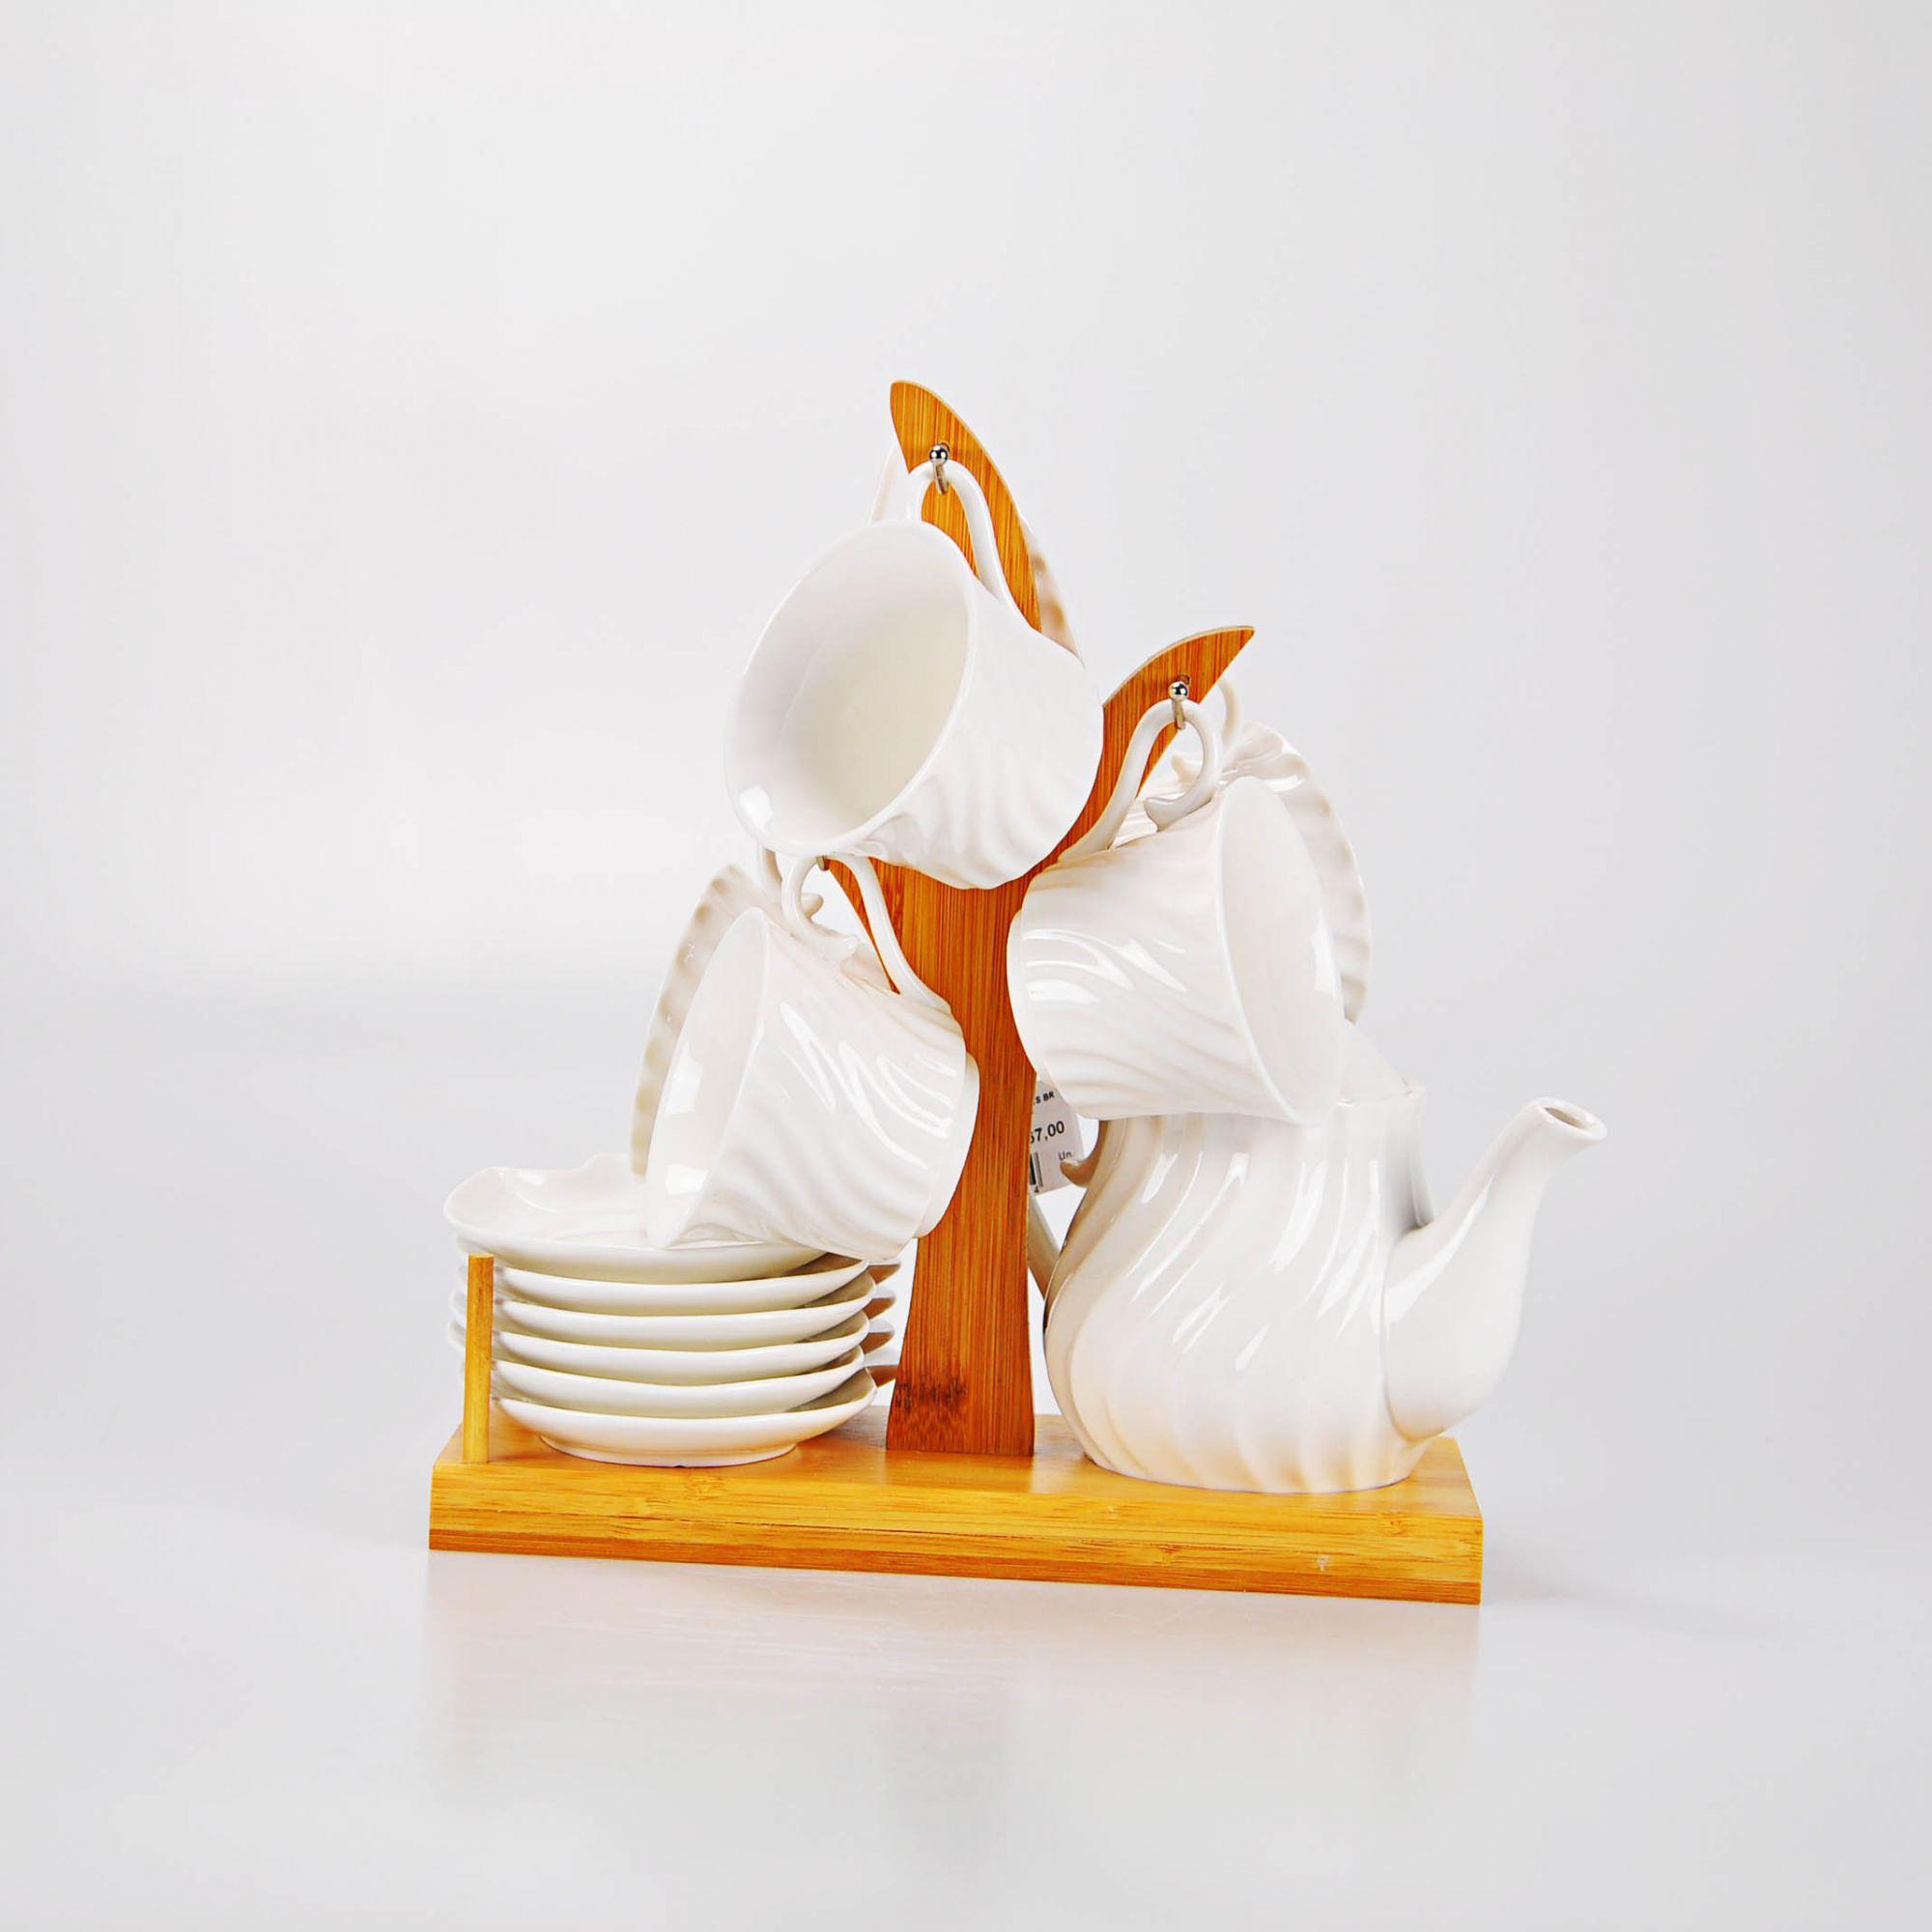 Jogo Chá Branco 29 X 28 cm (13 PEÇAS)